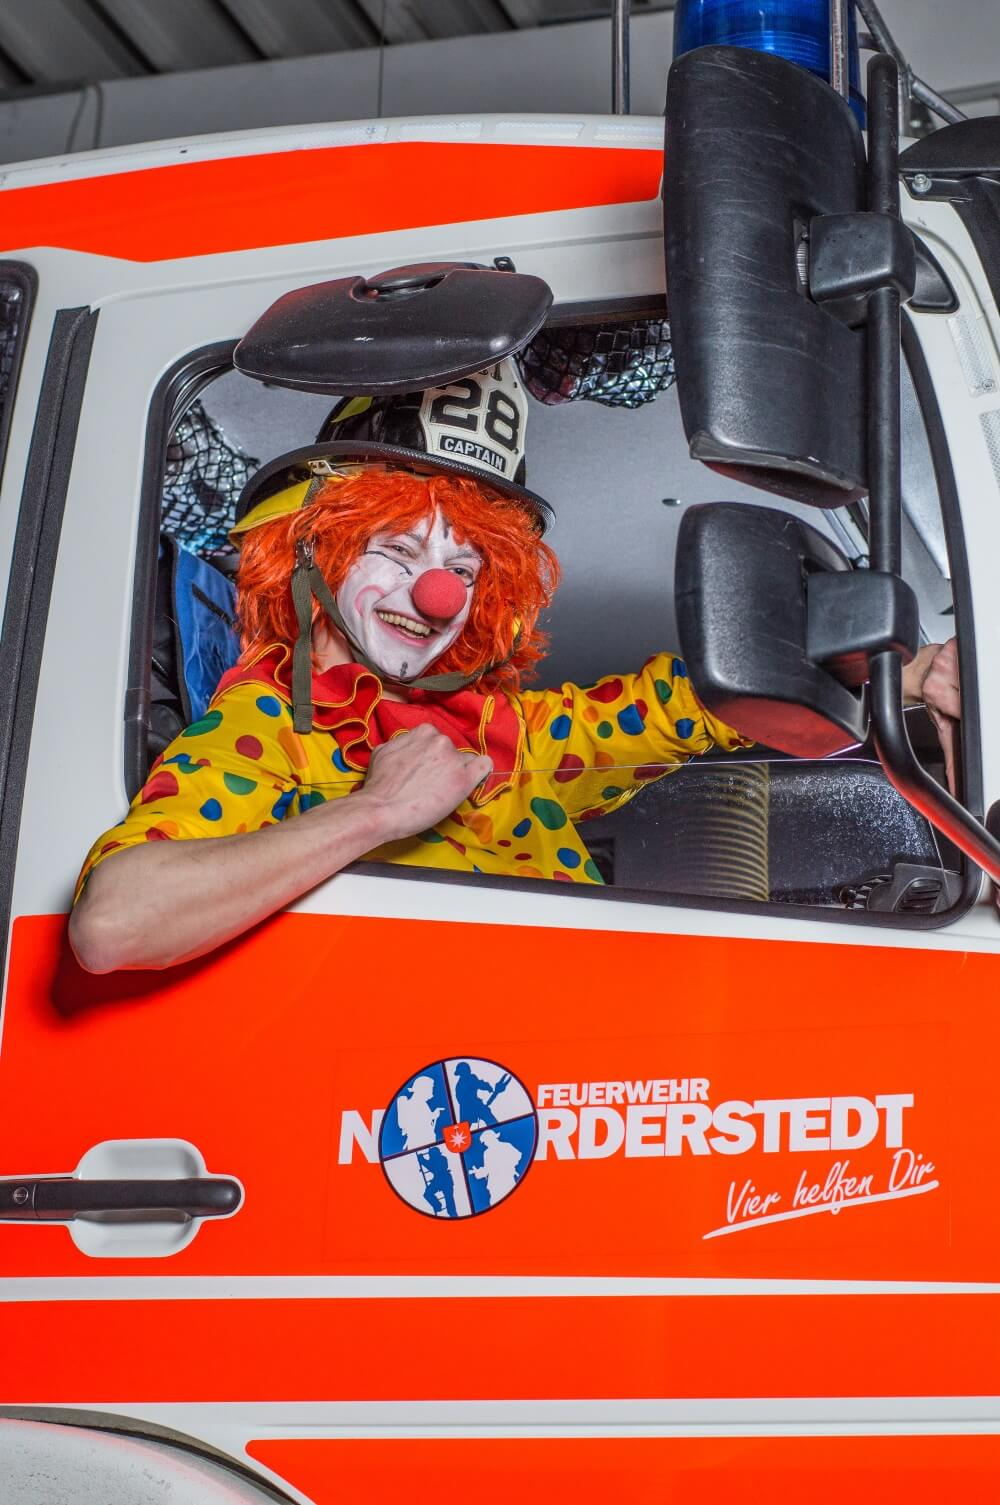 Die Feuerwehr Norderstedt hat die Feuernacht 2021 abgesagt. Aufgrund der aktuellen Pandemie ist eine solche Großveranstaltung undenkbar.